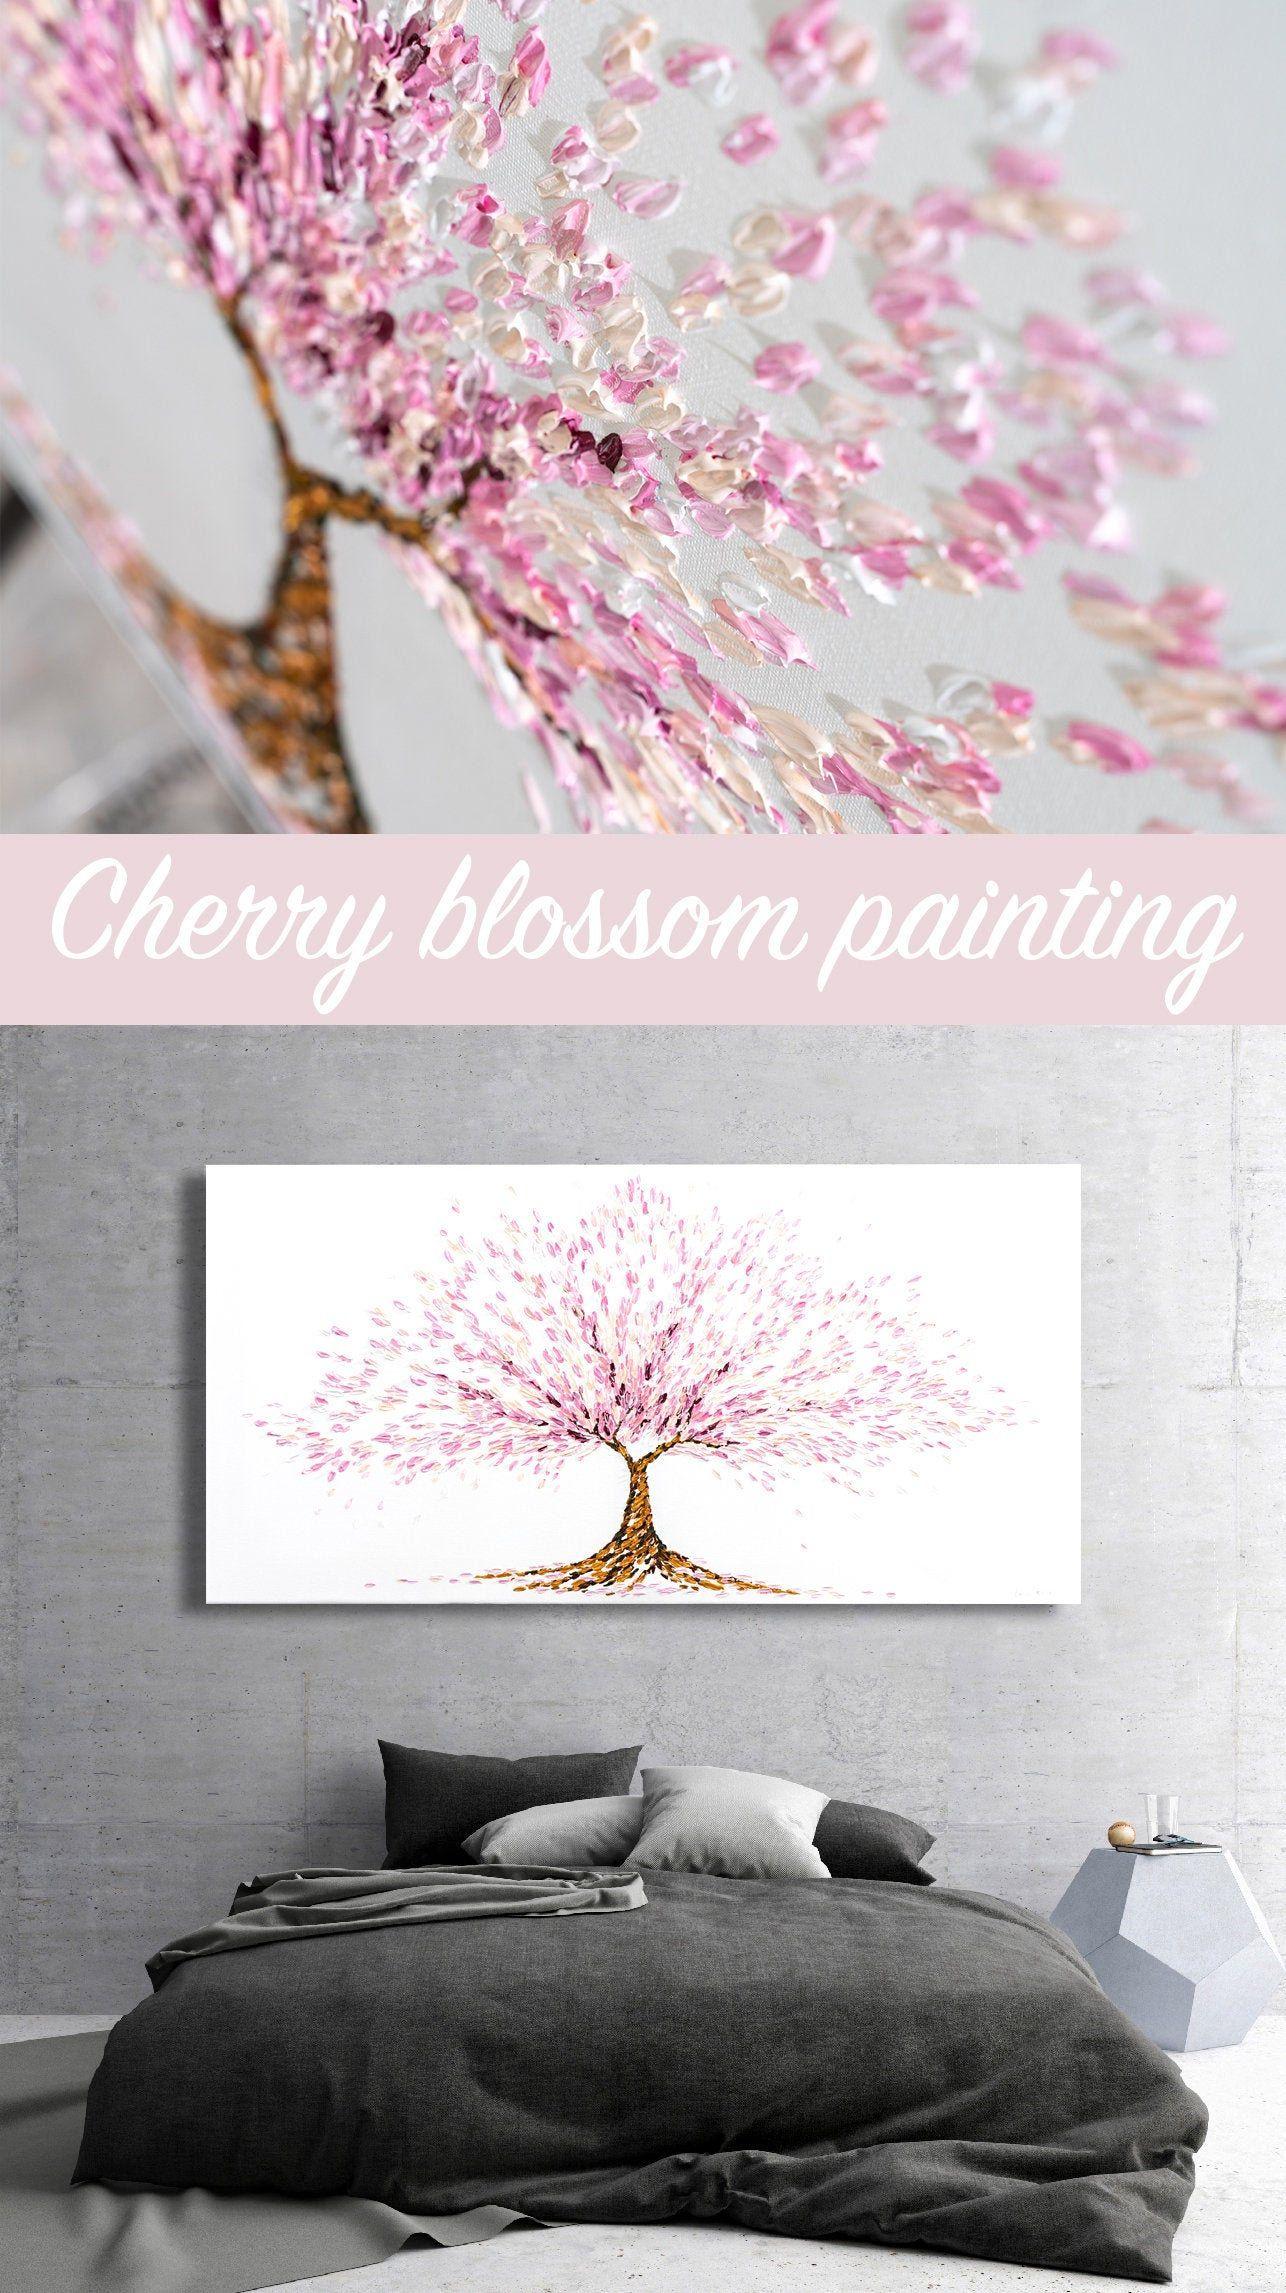 Cherry Blossom Tree Sakura Tree Japanese Cherry Blossom Tree Knife Painting Blossom Tree Pointillism Pa Japanese Cherry Blossom Sakura Tree Cherry Blossom Tree